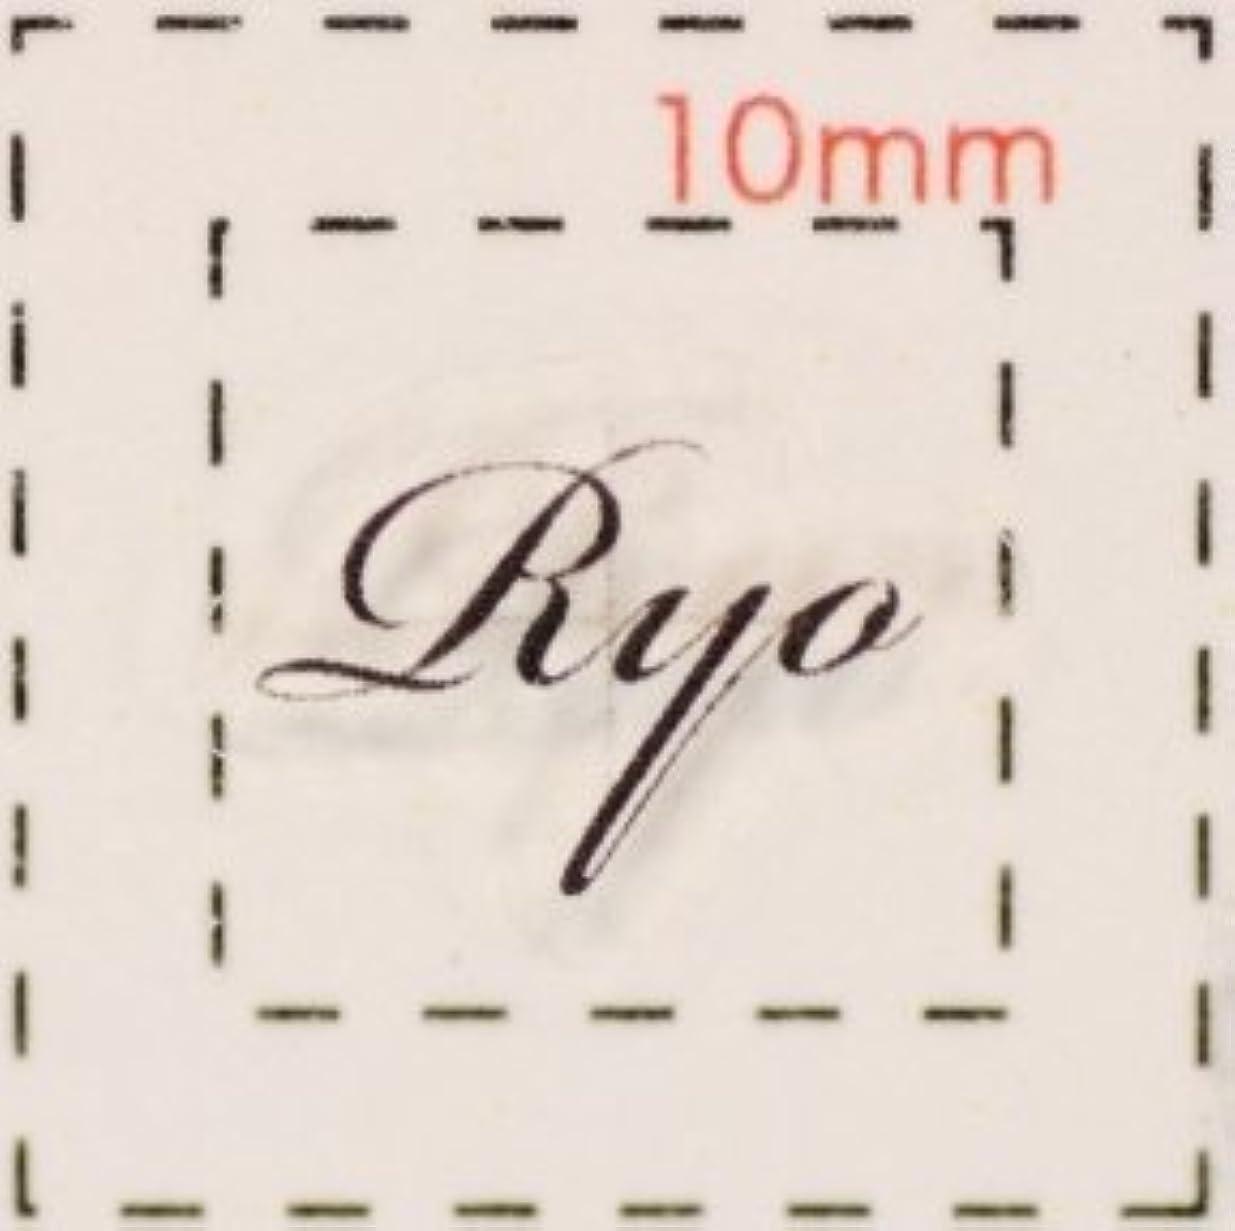 ユーザー一反対した名前 ネイルシール【アルファベット?イニシャル】デザイン( Ryo りょう)1シート6枚入